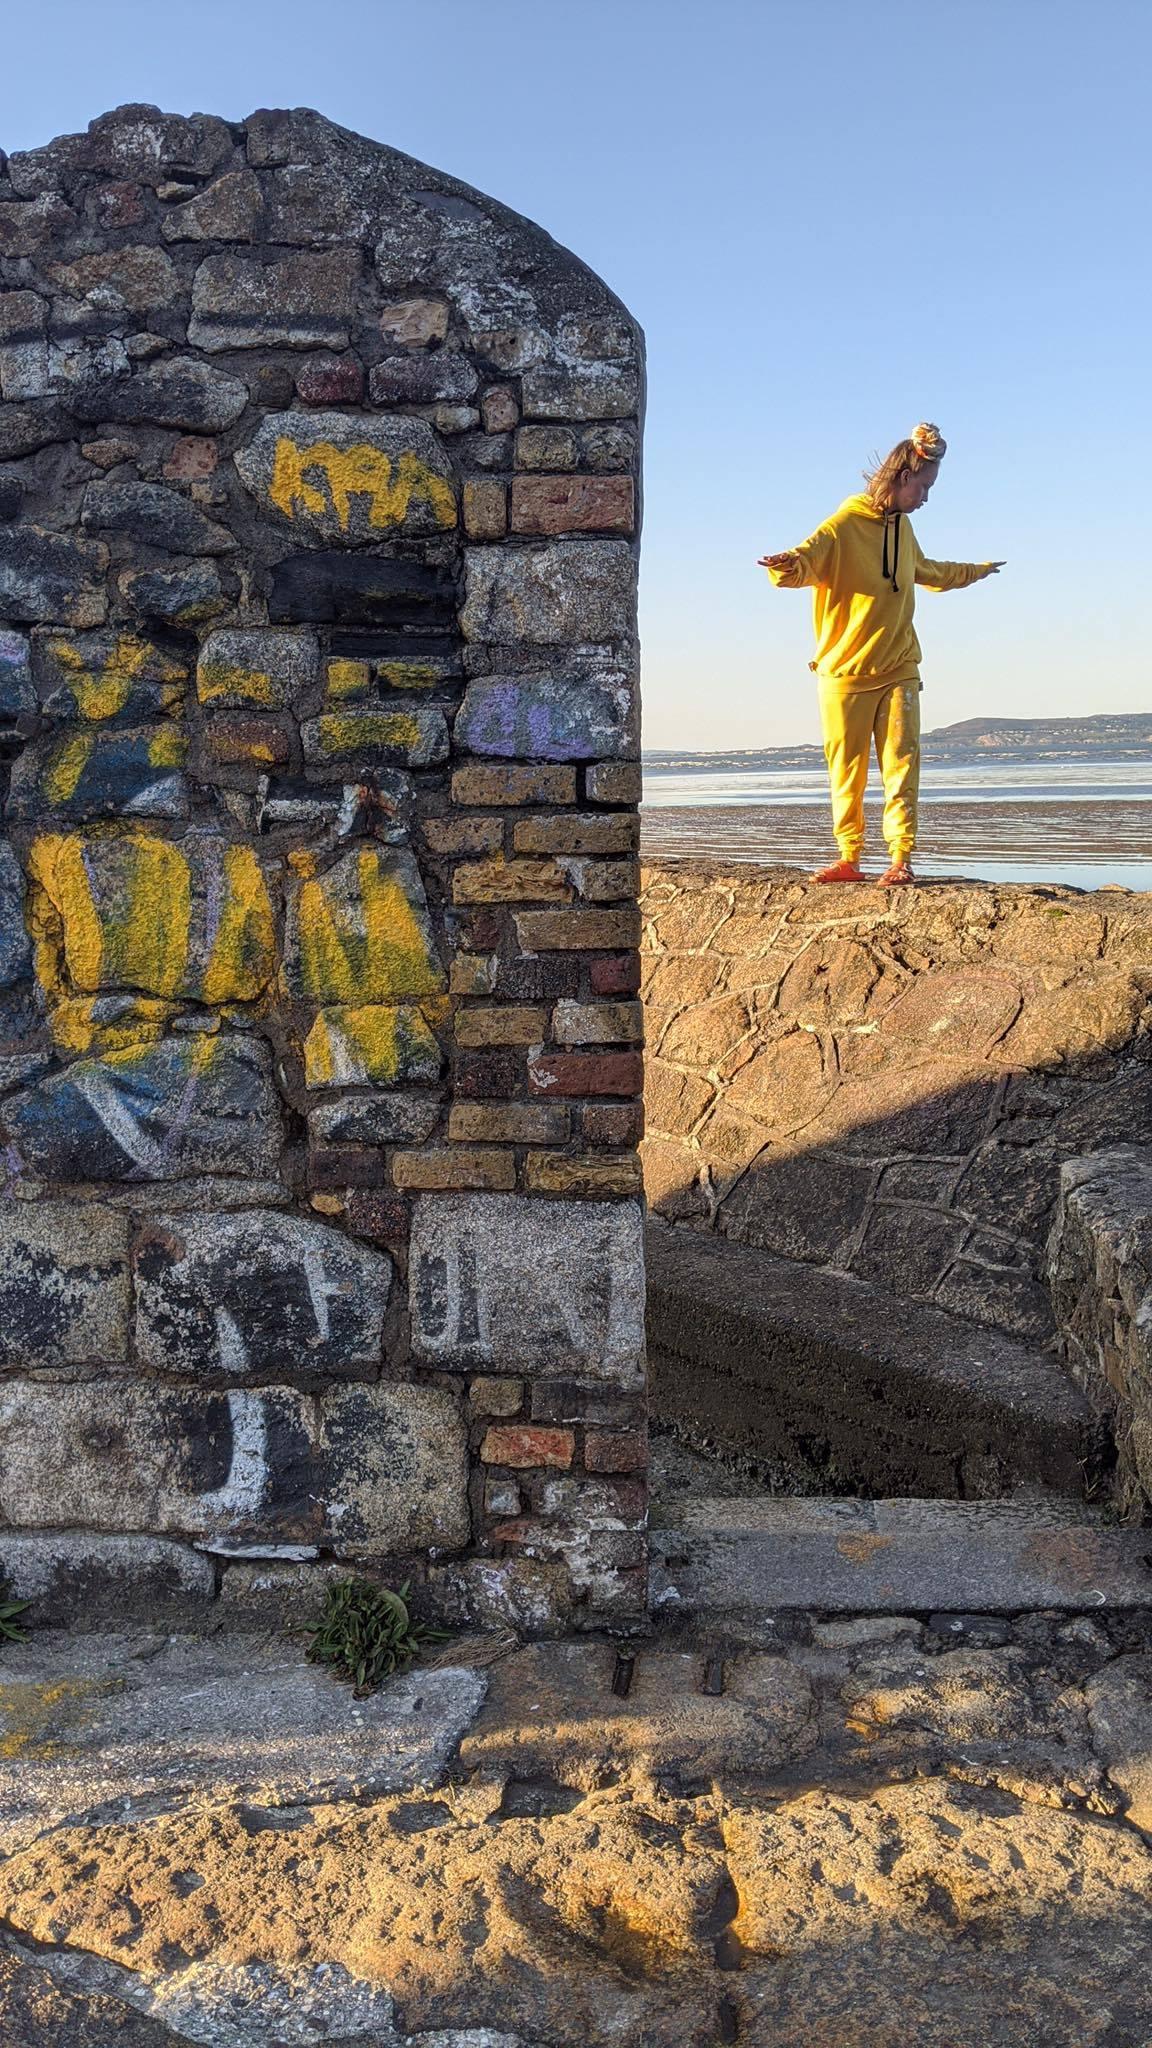 doma w żółtym dresie i żółtej bluzie